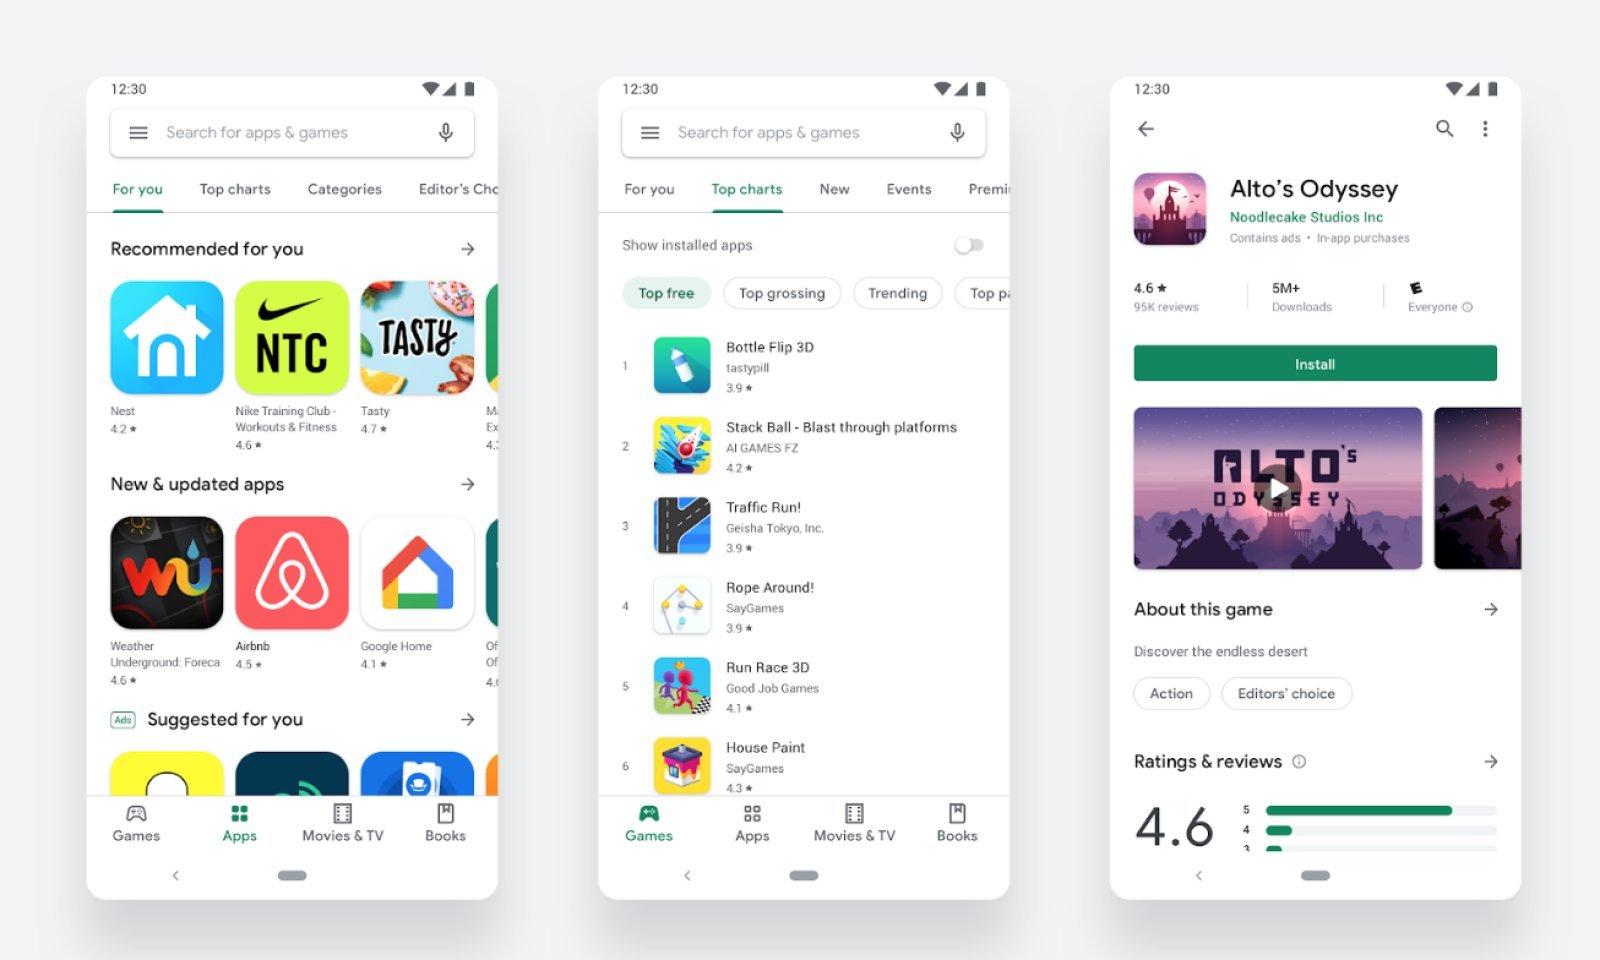 Trovare i giochi su Google Play Store è adesso più facile